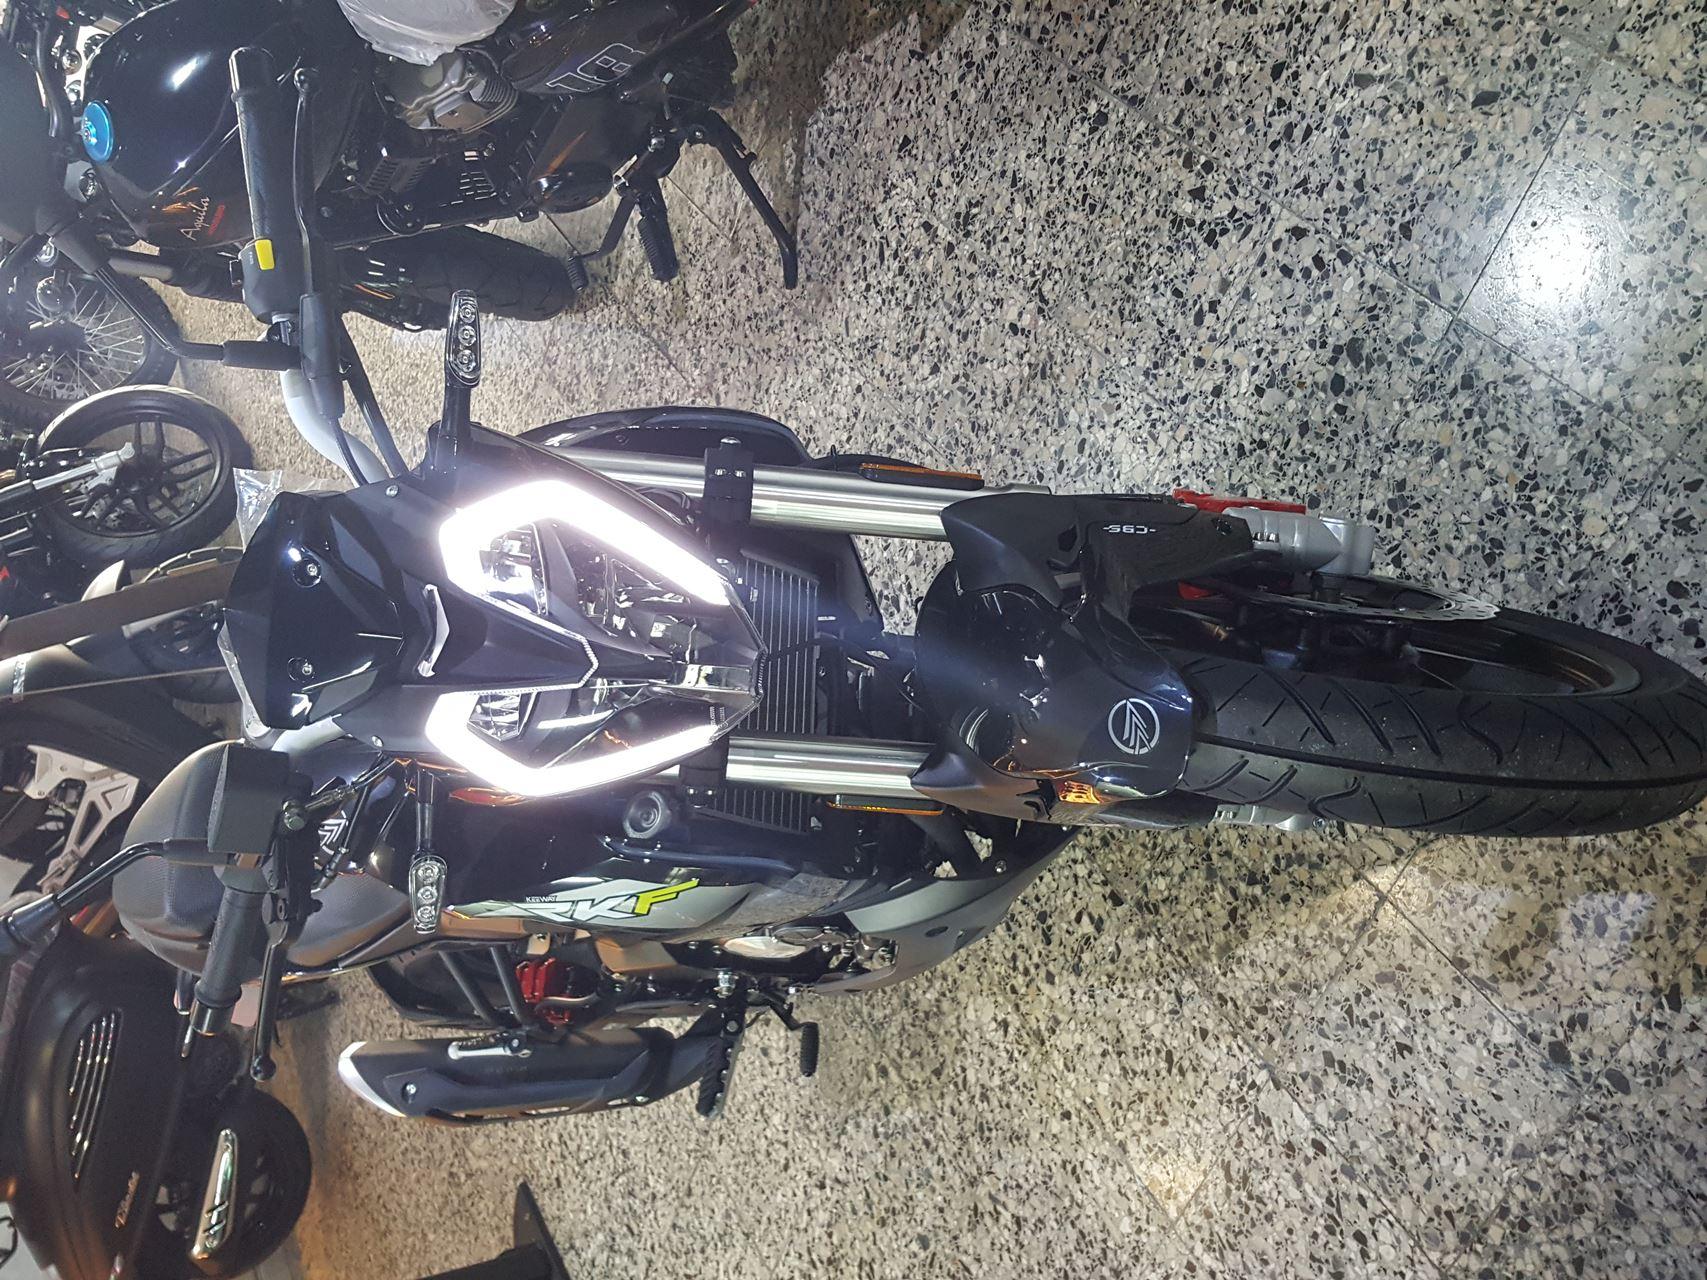 Keeway RKF RKF 125 | Moto Usada Preço € 2 690,00 - P21147